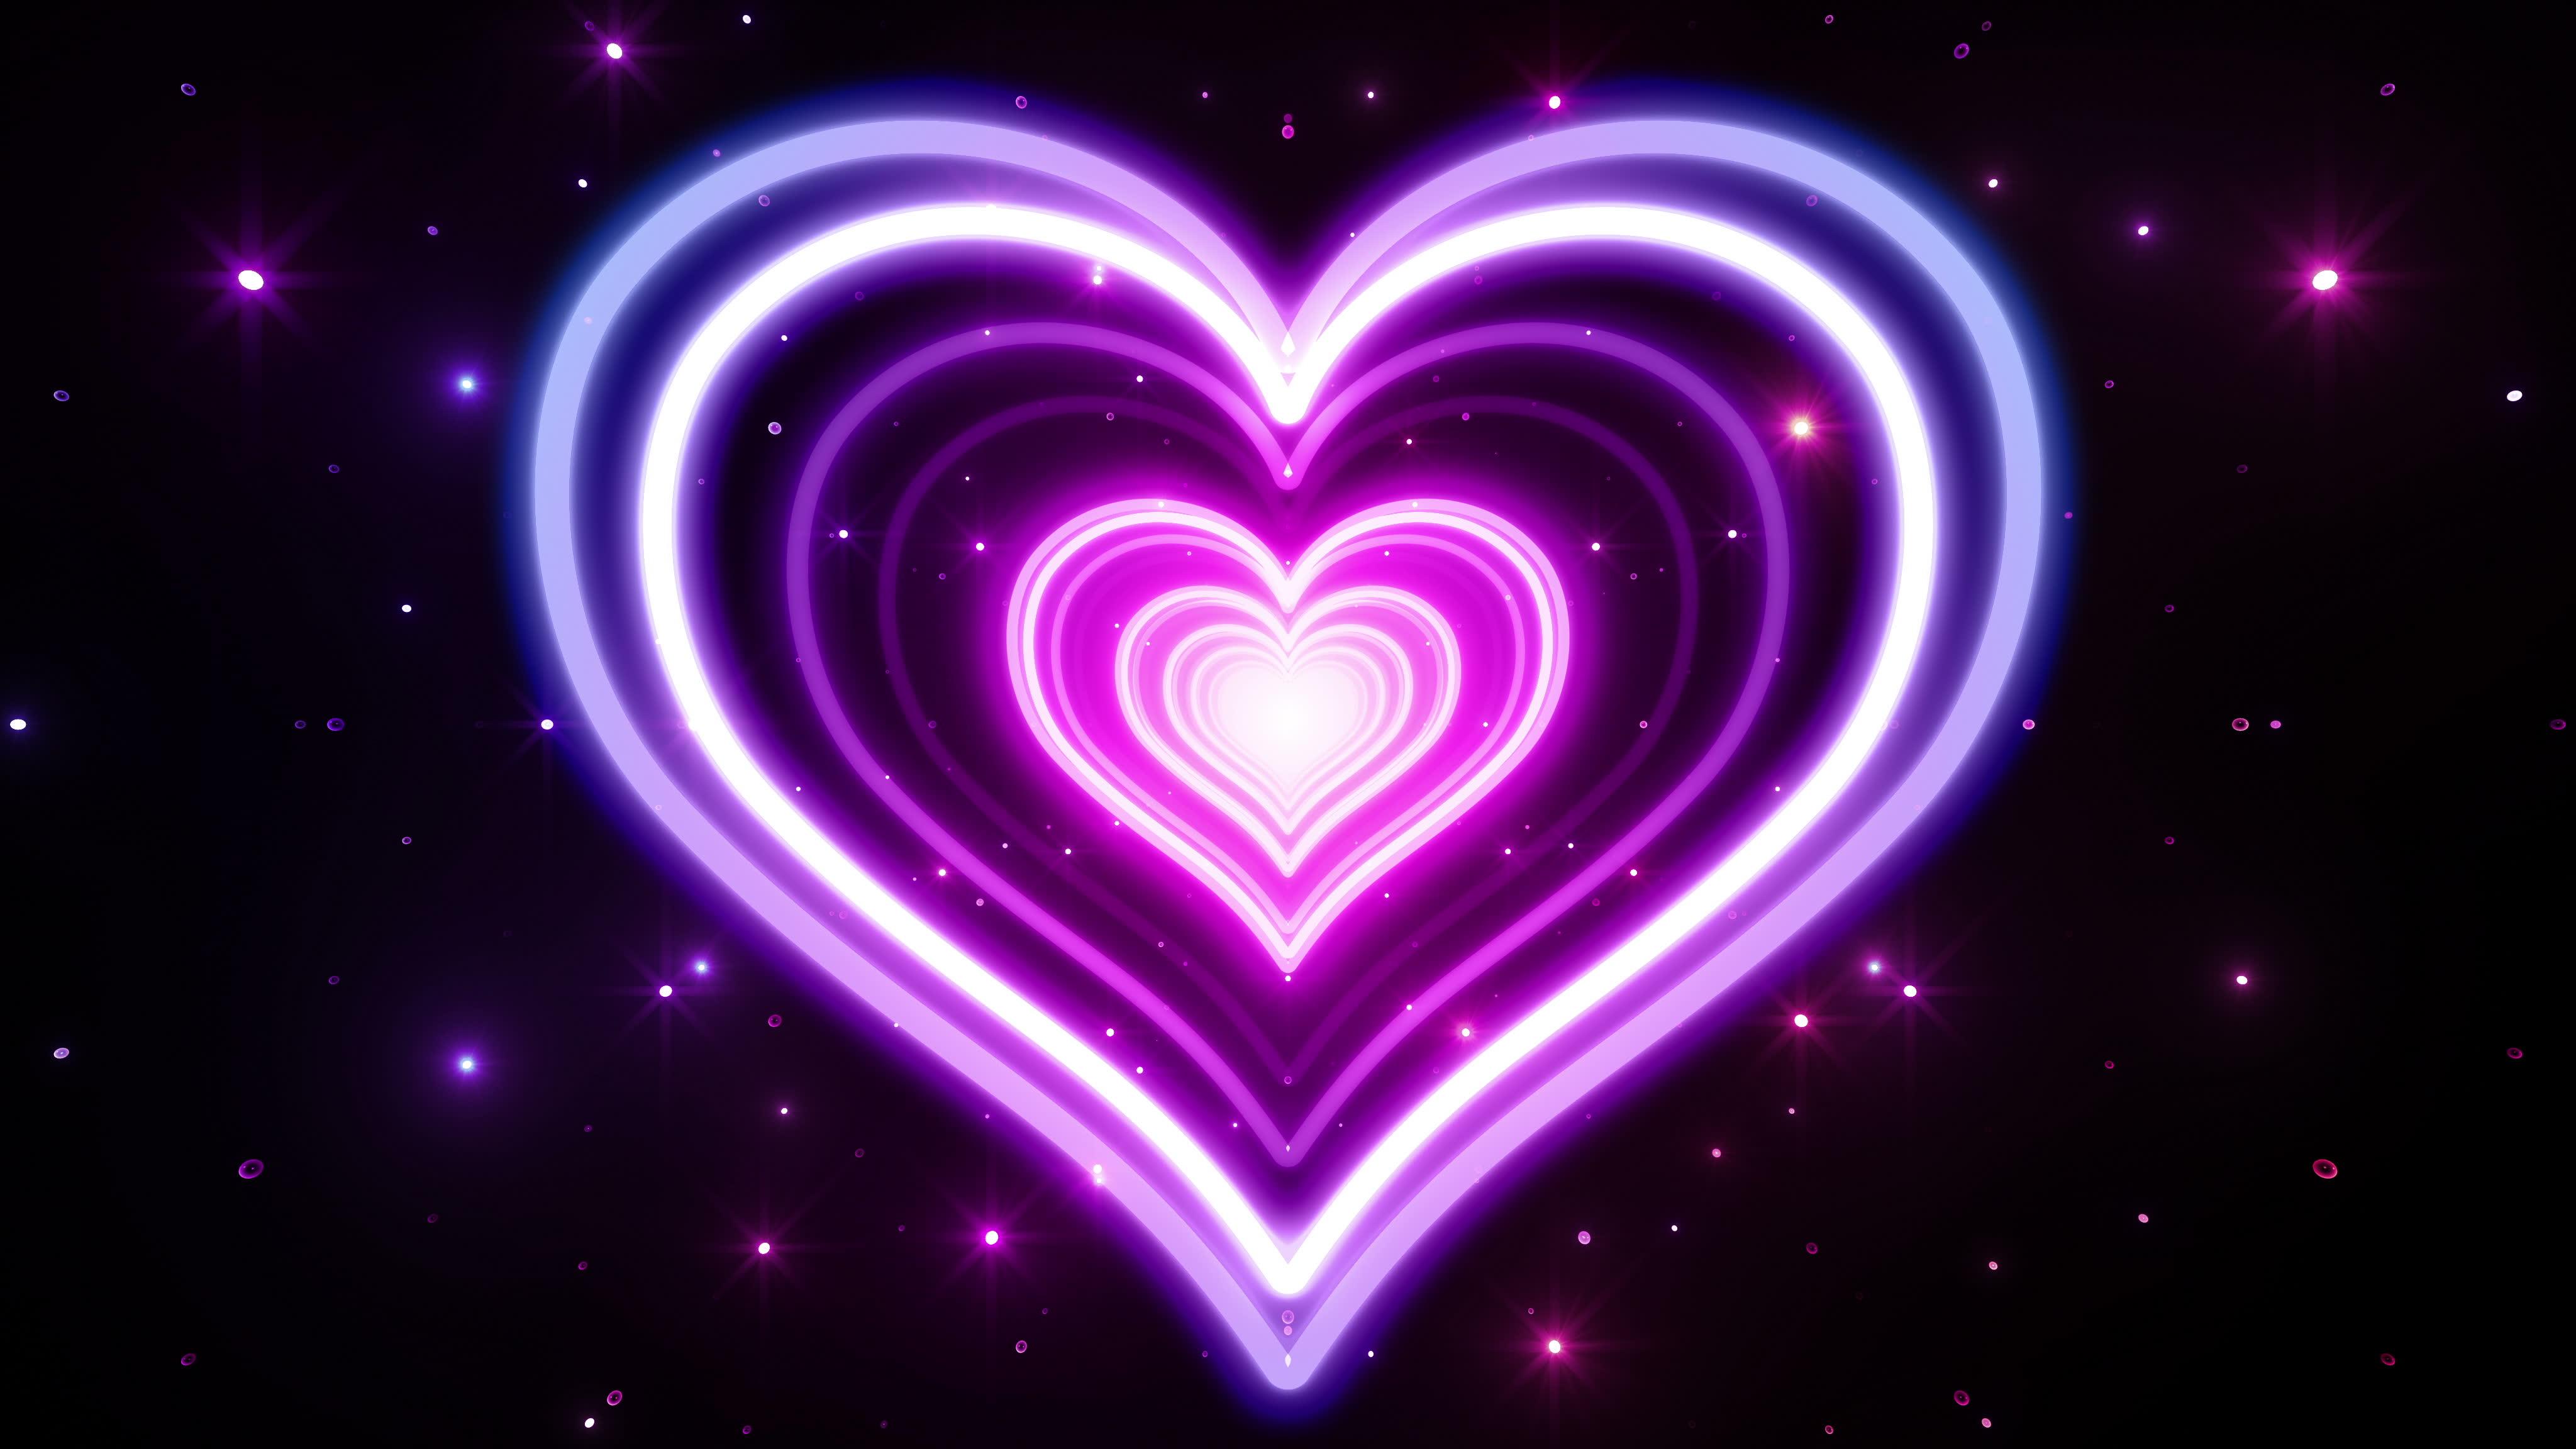 Hauptseite Abstrakt HD Hintergrundbilder schne neon heart 4096x2304